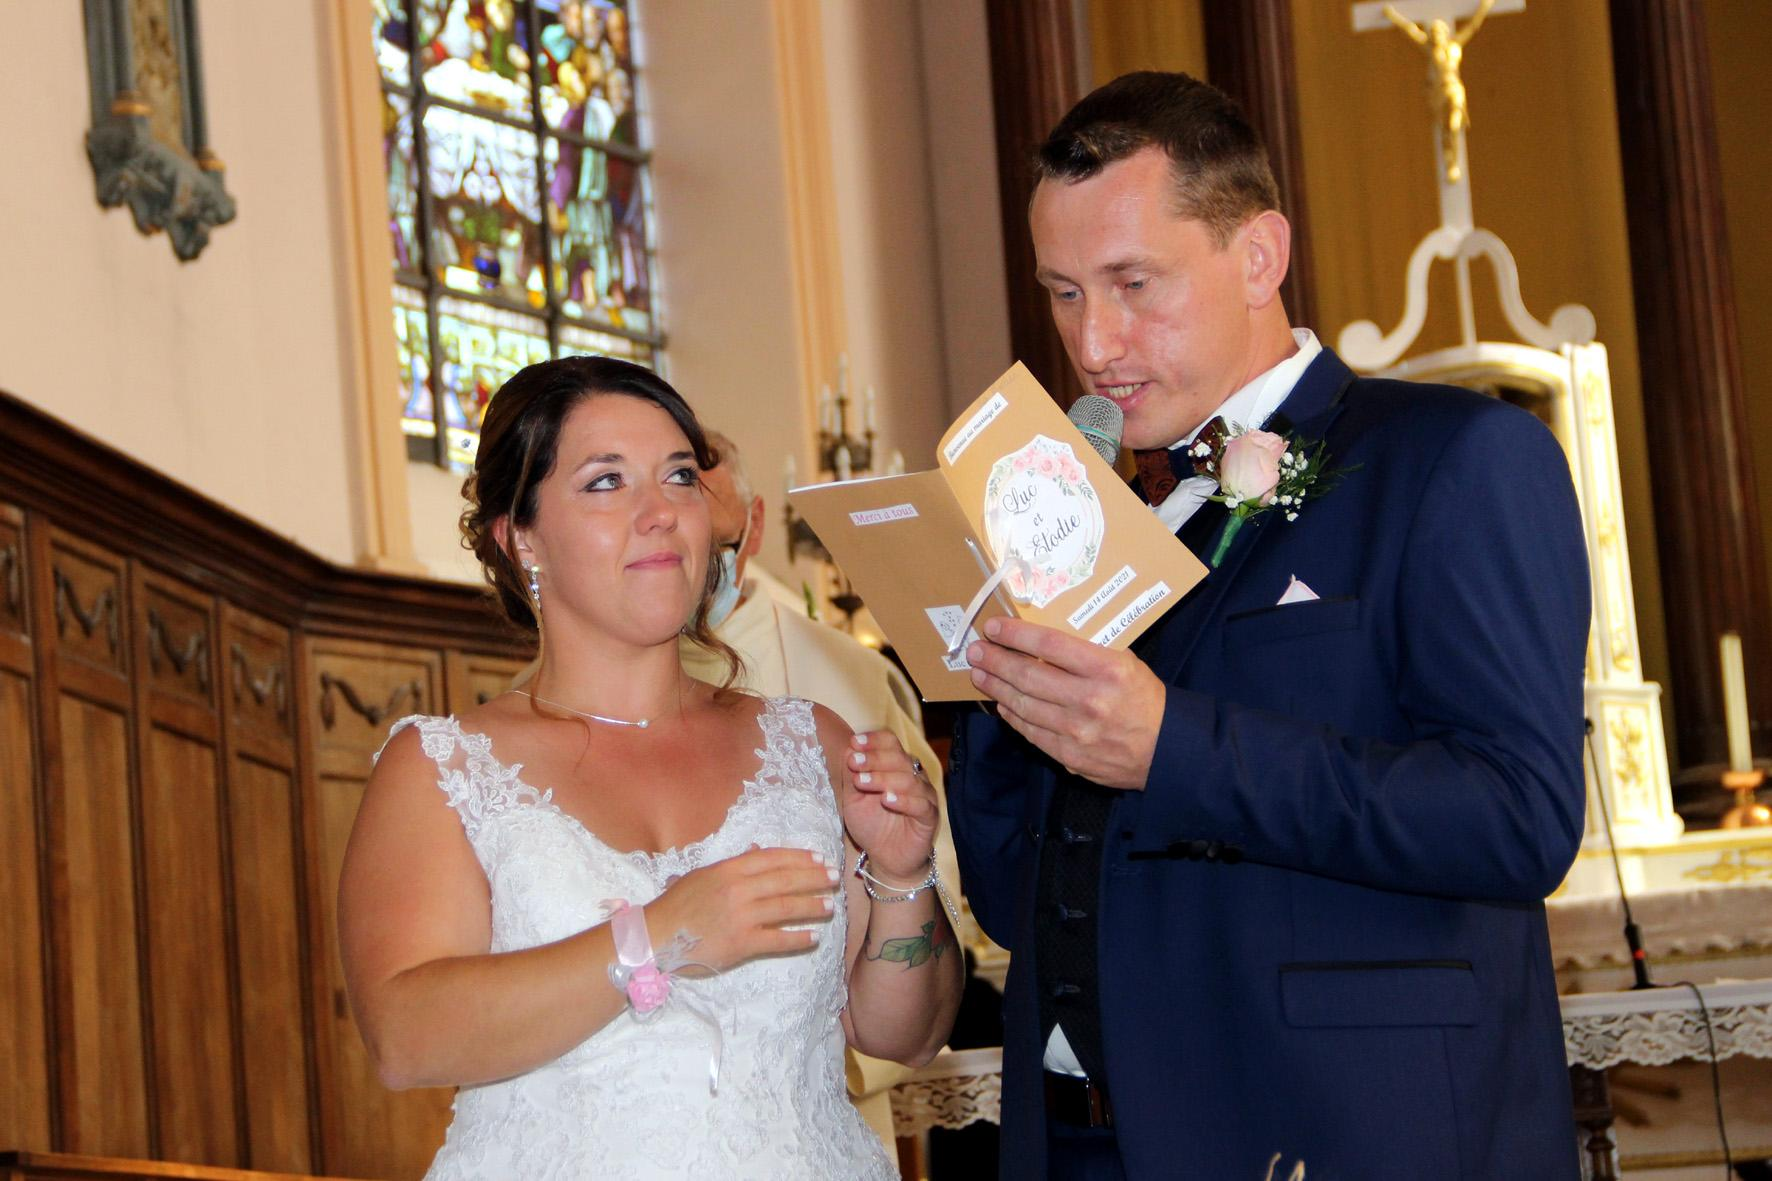 Le mariage d'Elodie et Luc est en ligne